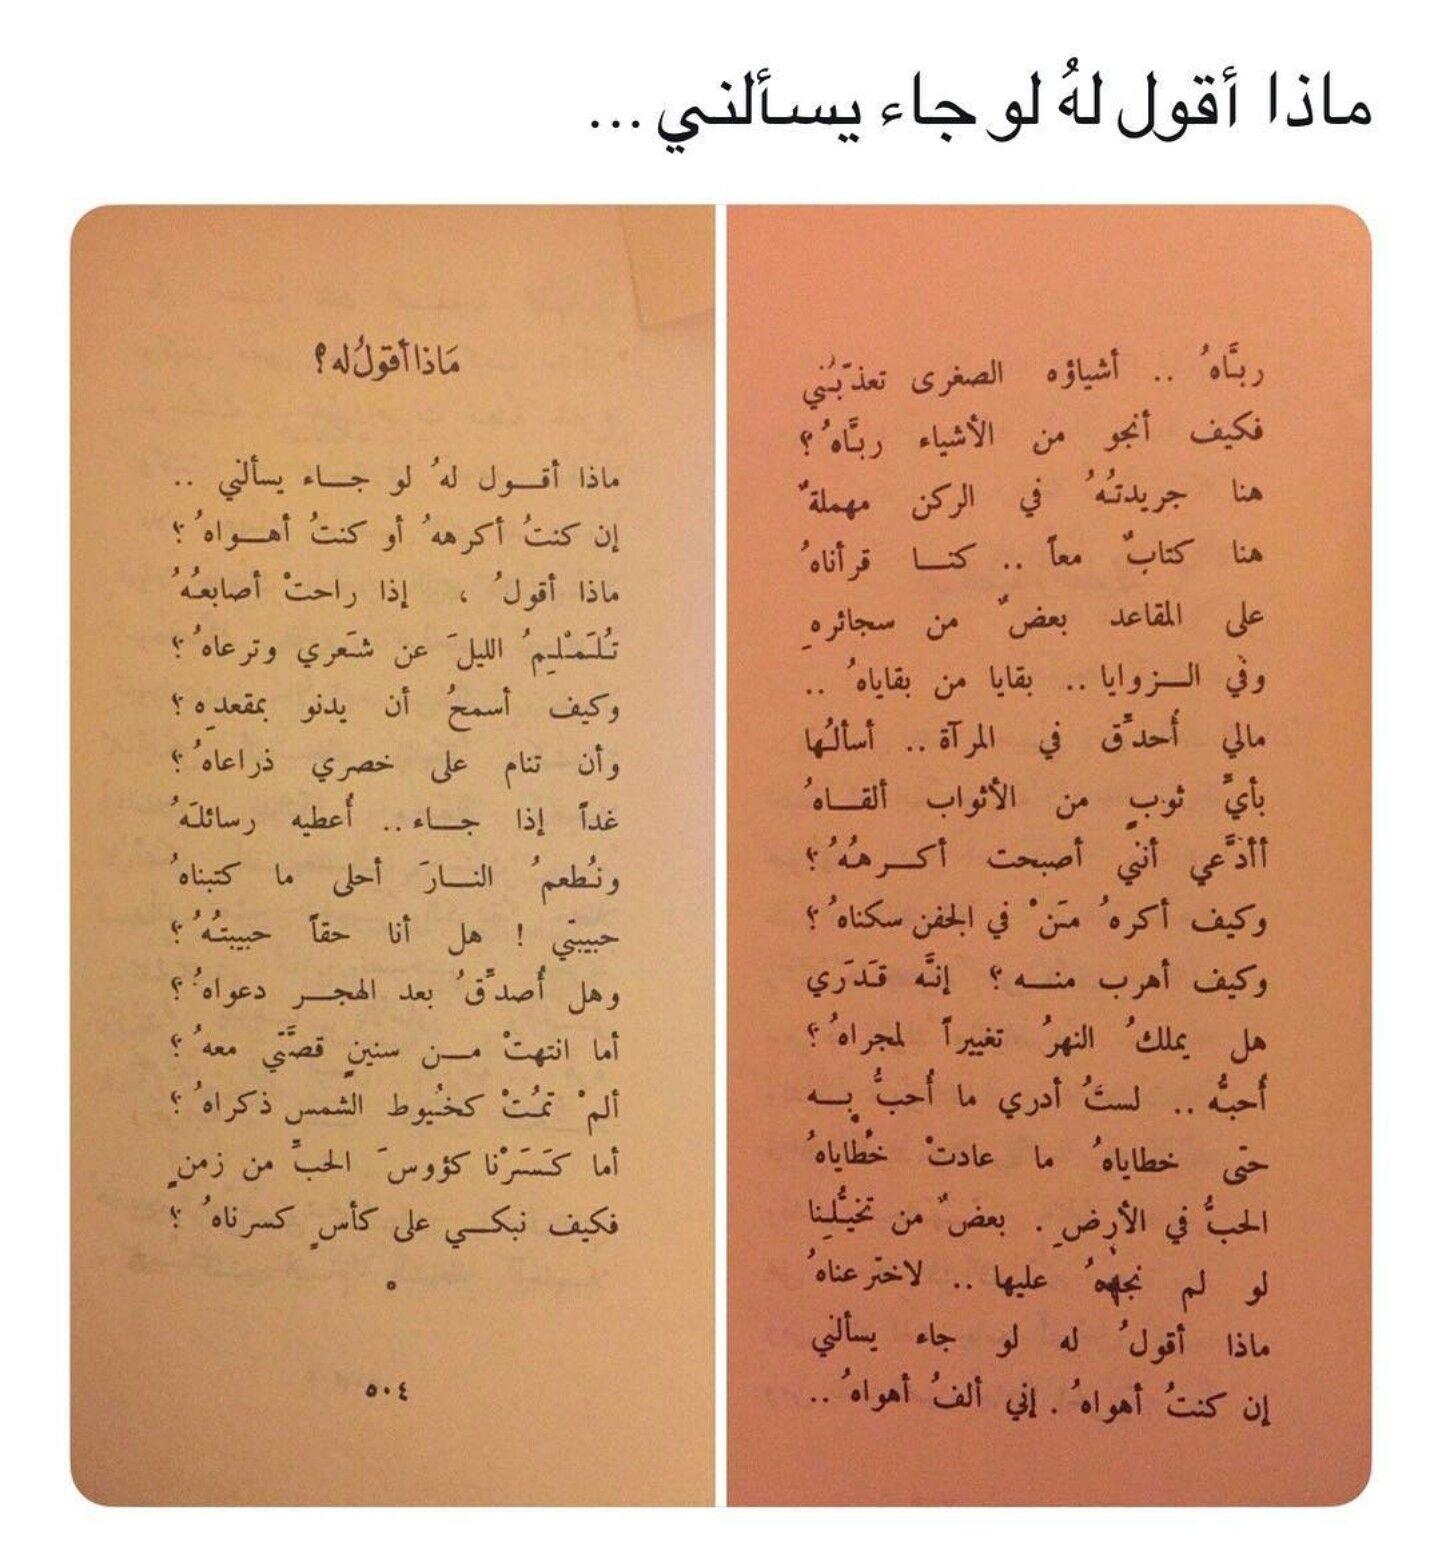 نزار قباني ماذا اقول له Words Quotes Arabic Quotes Feelings Words